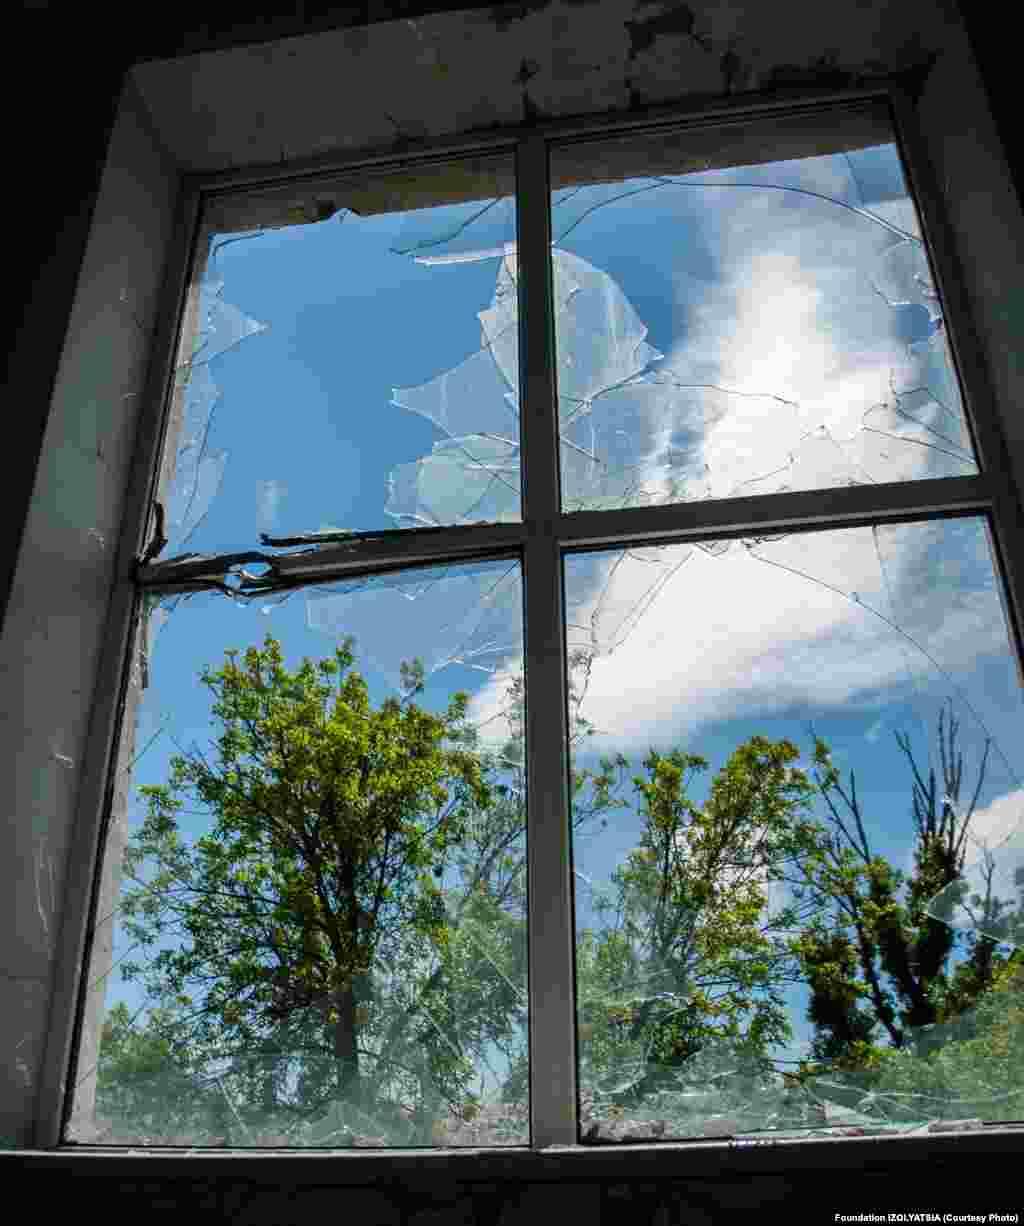 Окно после обстрела.